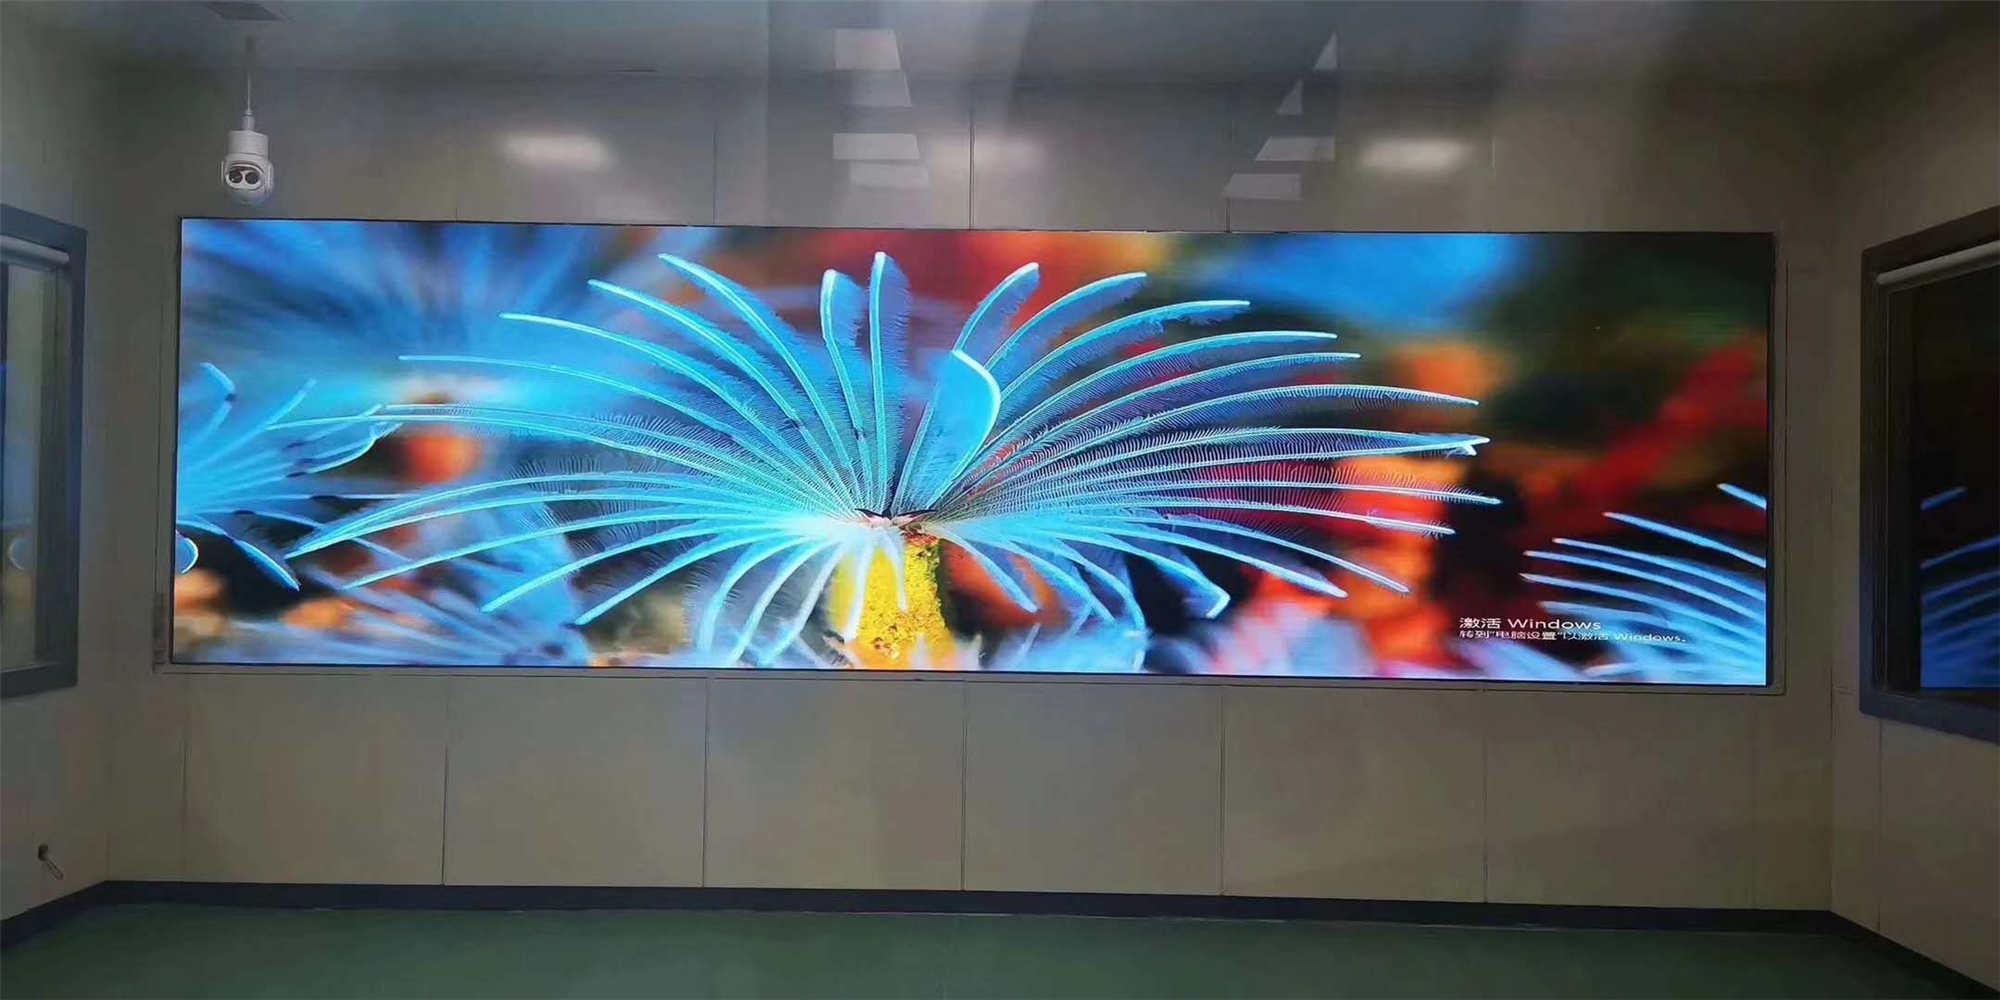 成都室内LED显示屏如何安装?一篇内容了解清楚